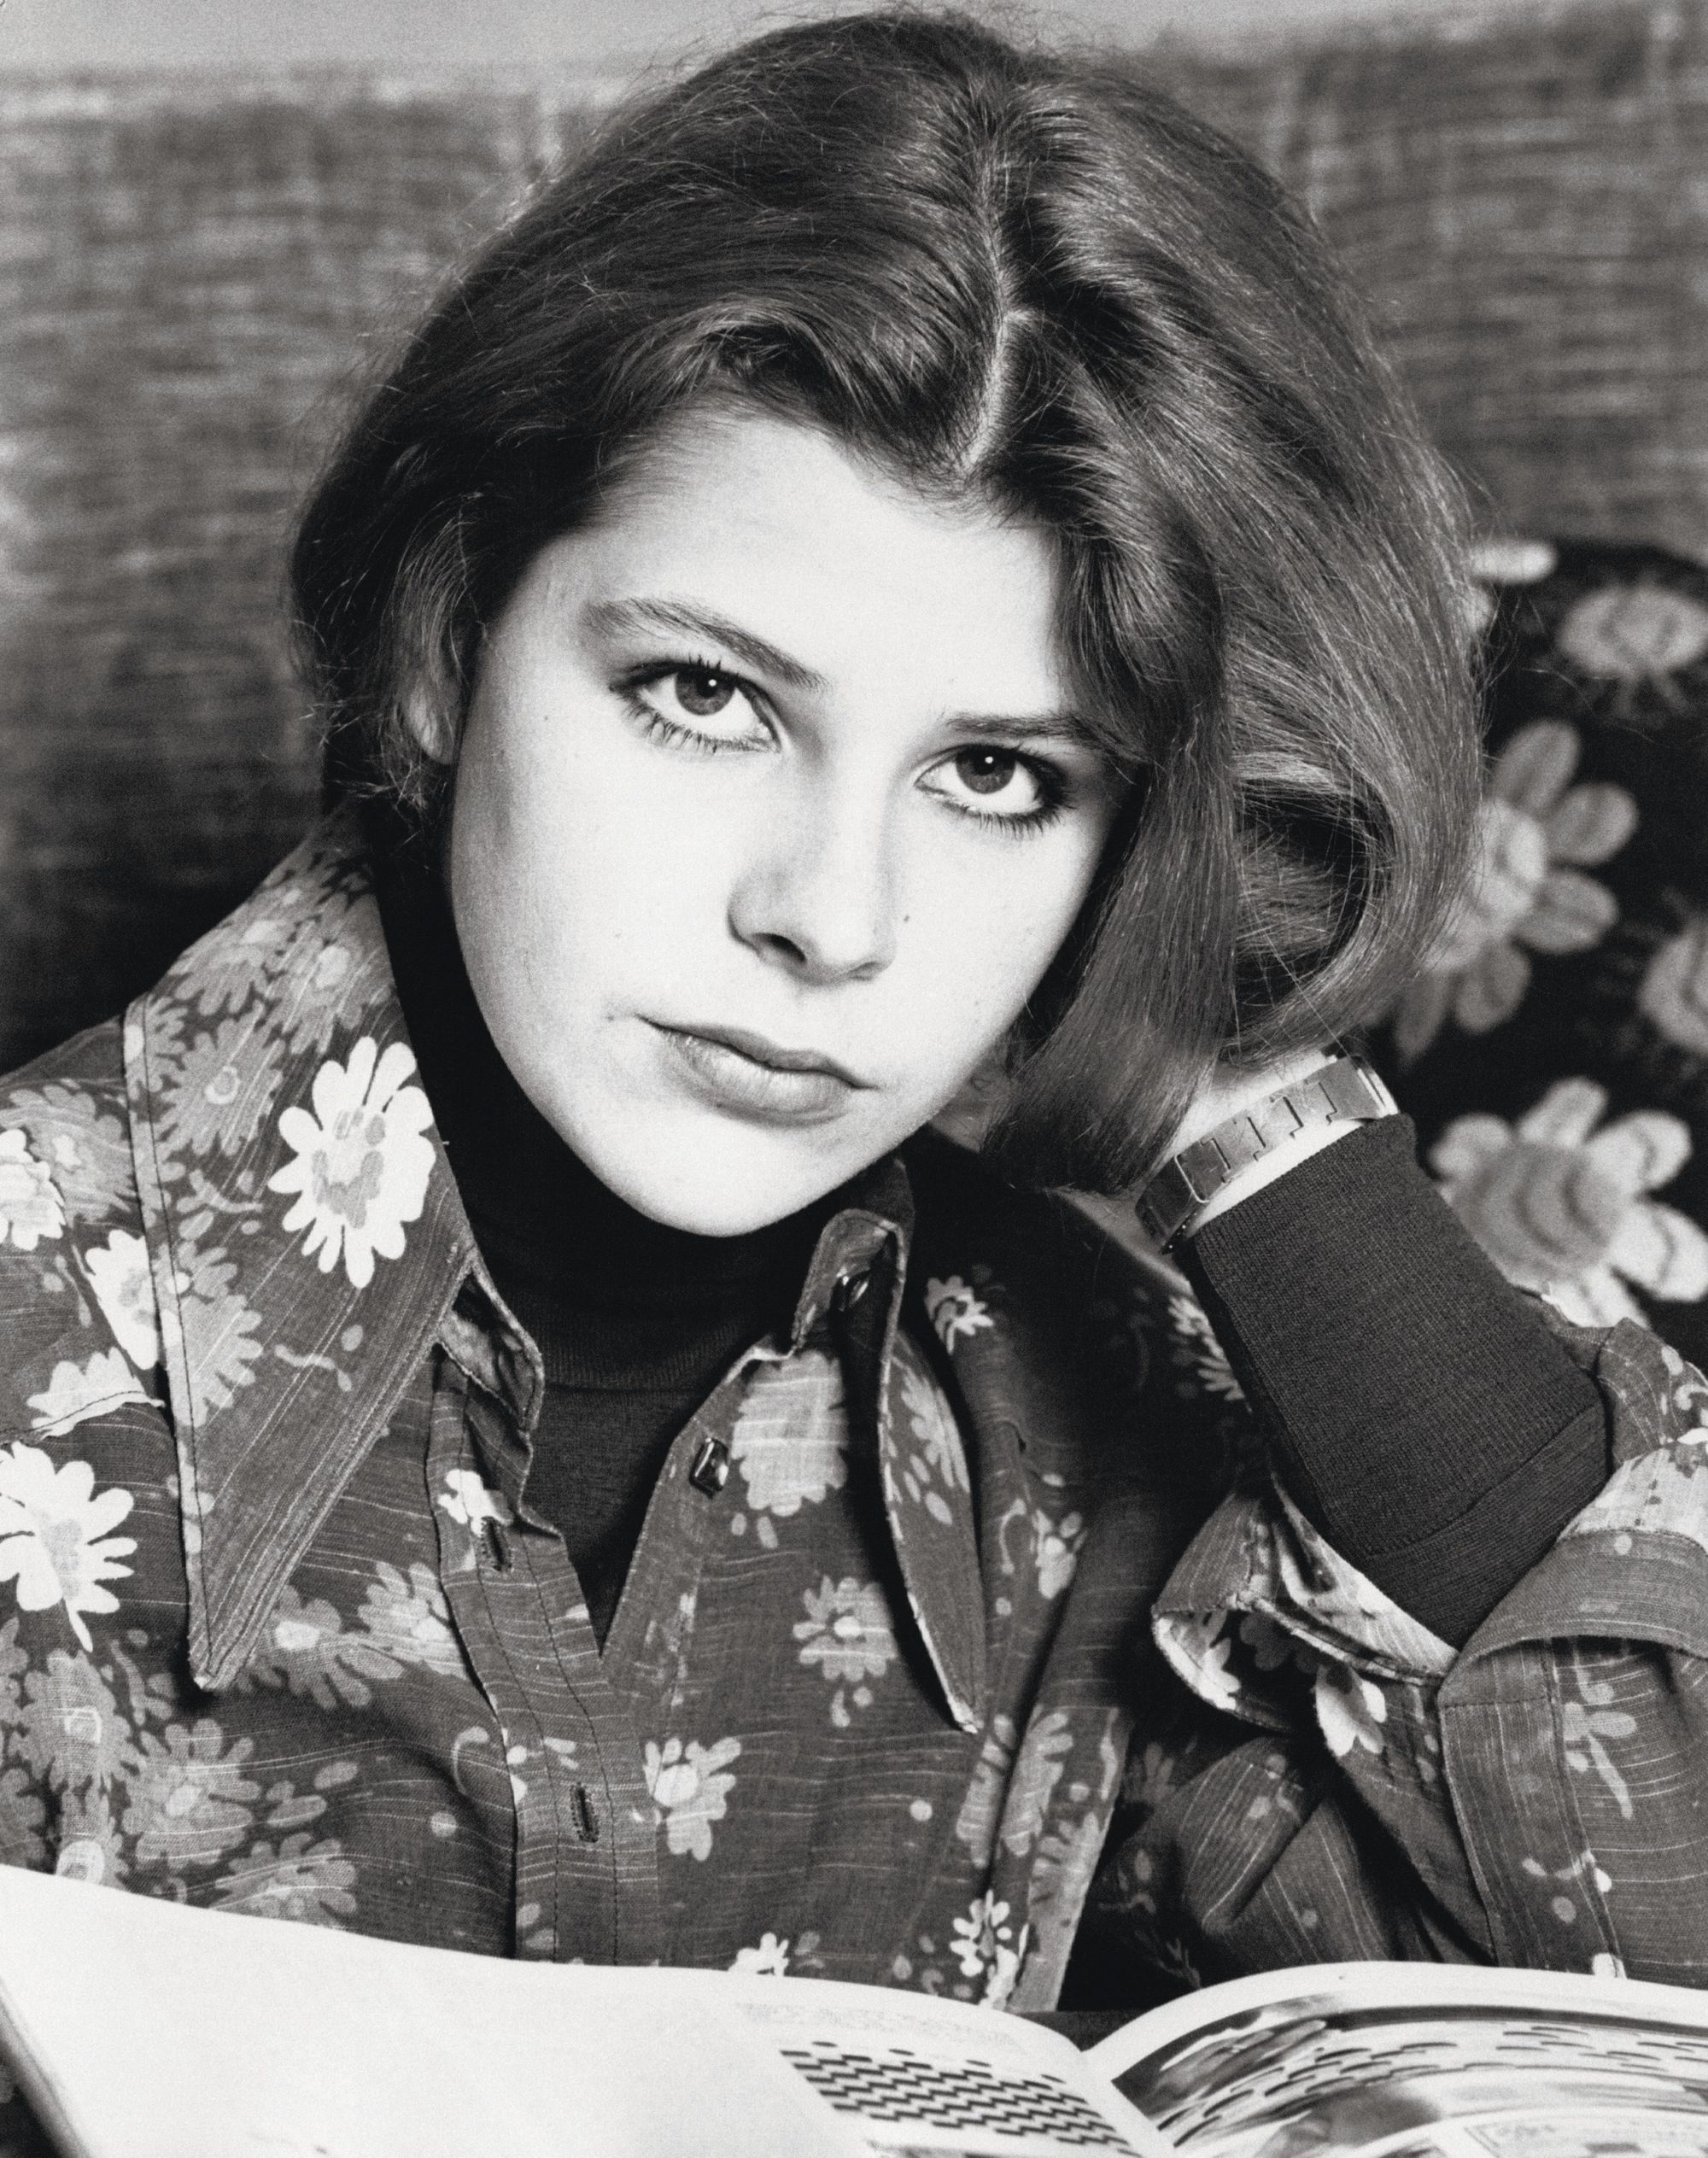 Angelo Deligio portrait de l'actrice italienne Pamela Villoresi lisant